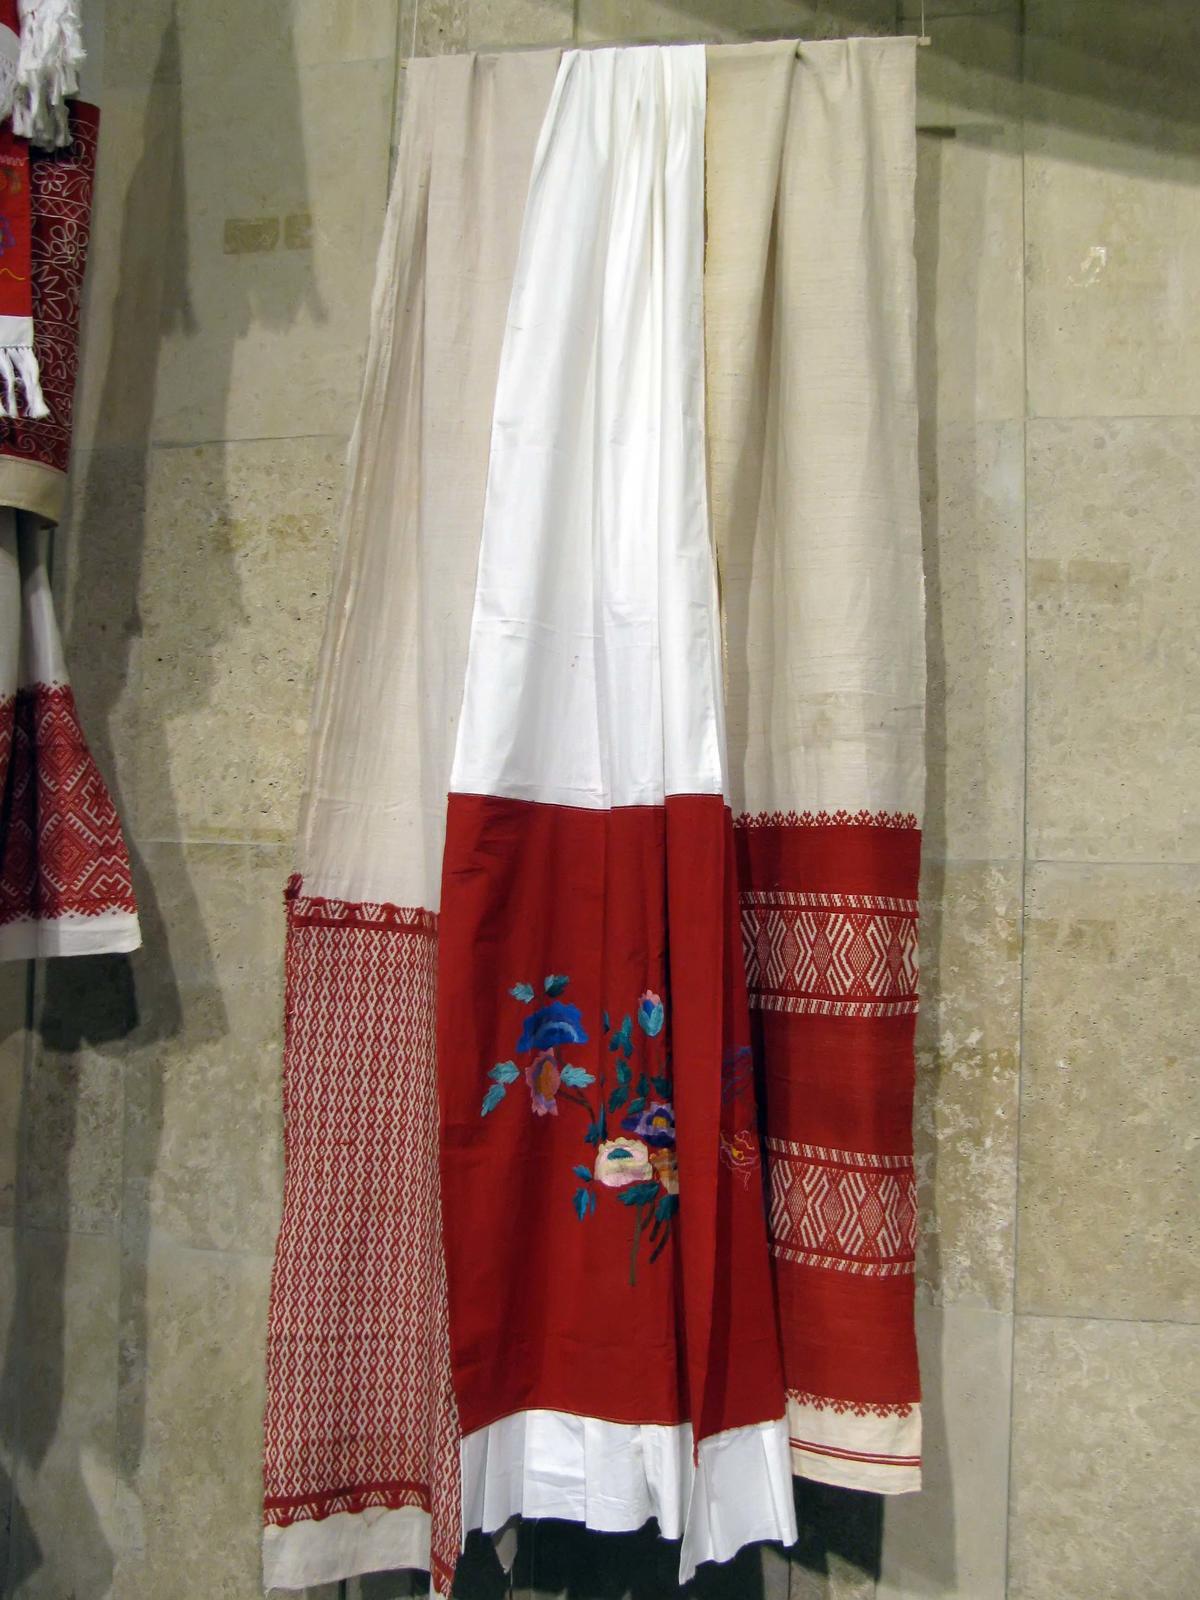 Фото №38098. Фрагмент. Казанское полотенце